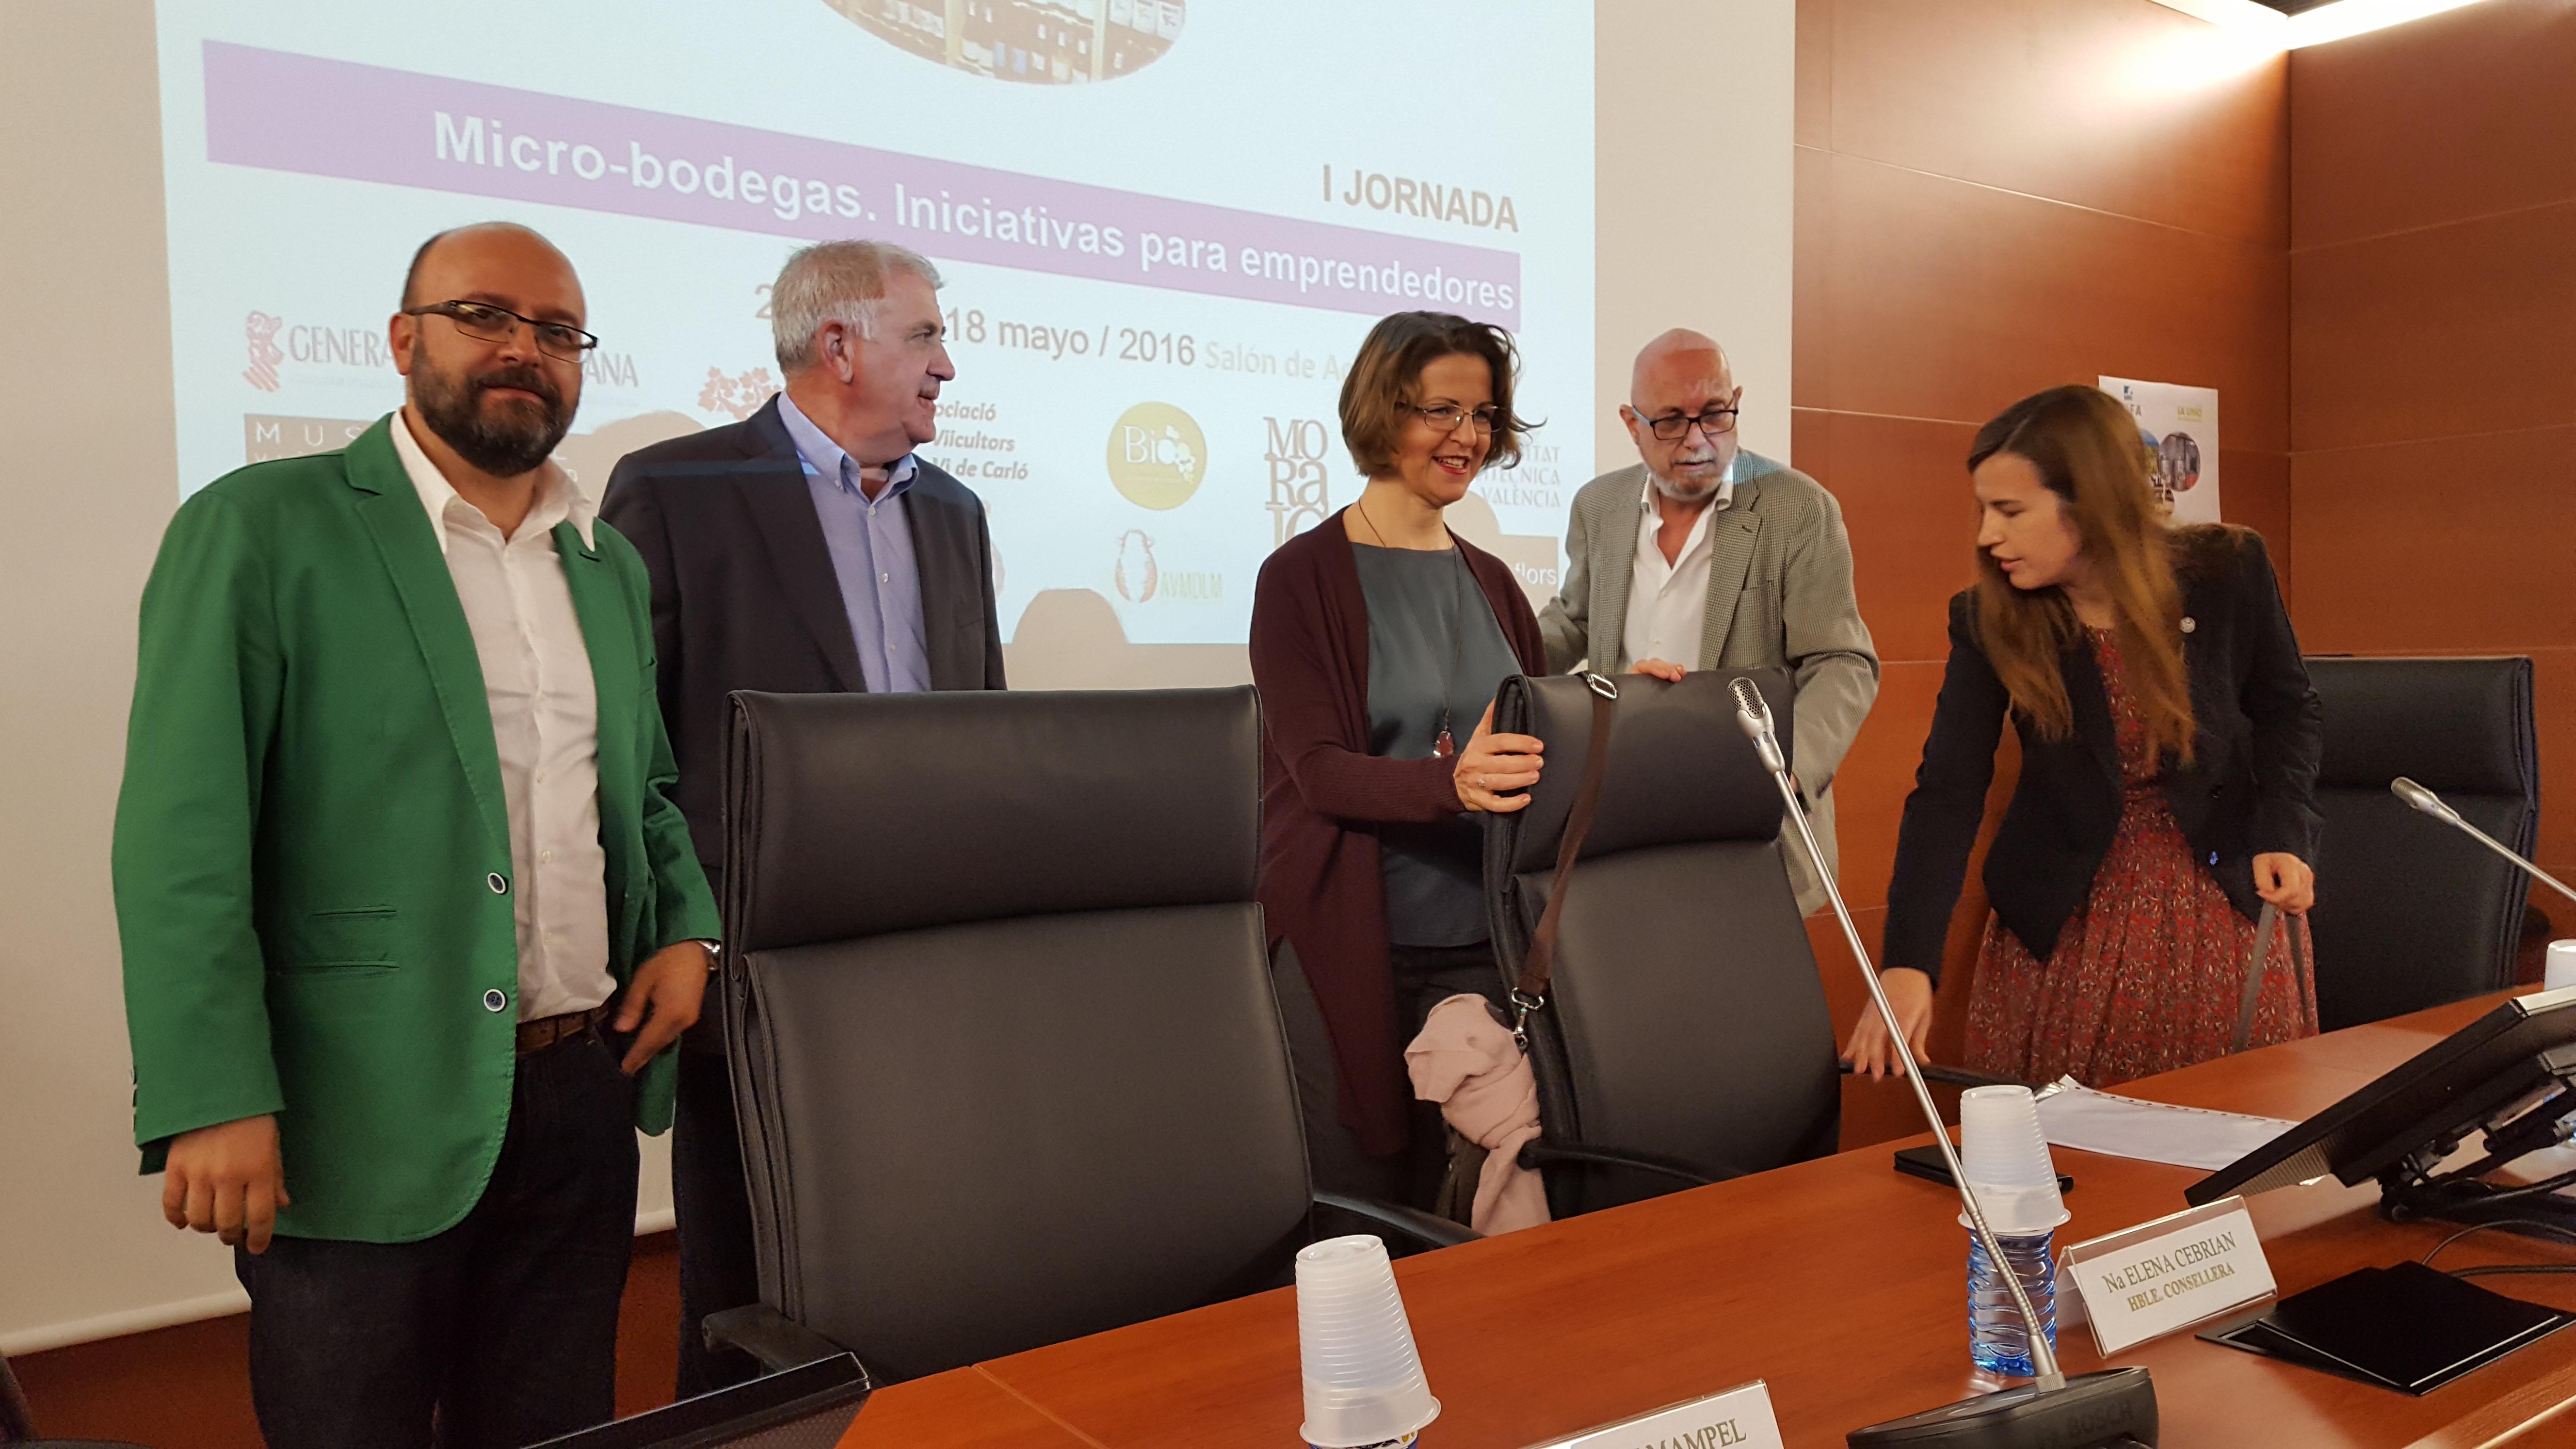 Elena Cebrián: 'Pequeños viticultores, microbodegas y emprendedores aportan al sector calidad diferenciada'